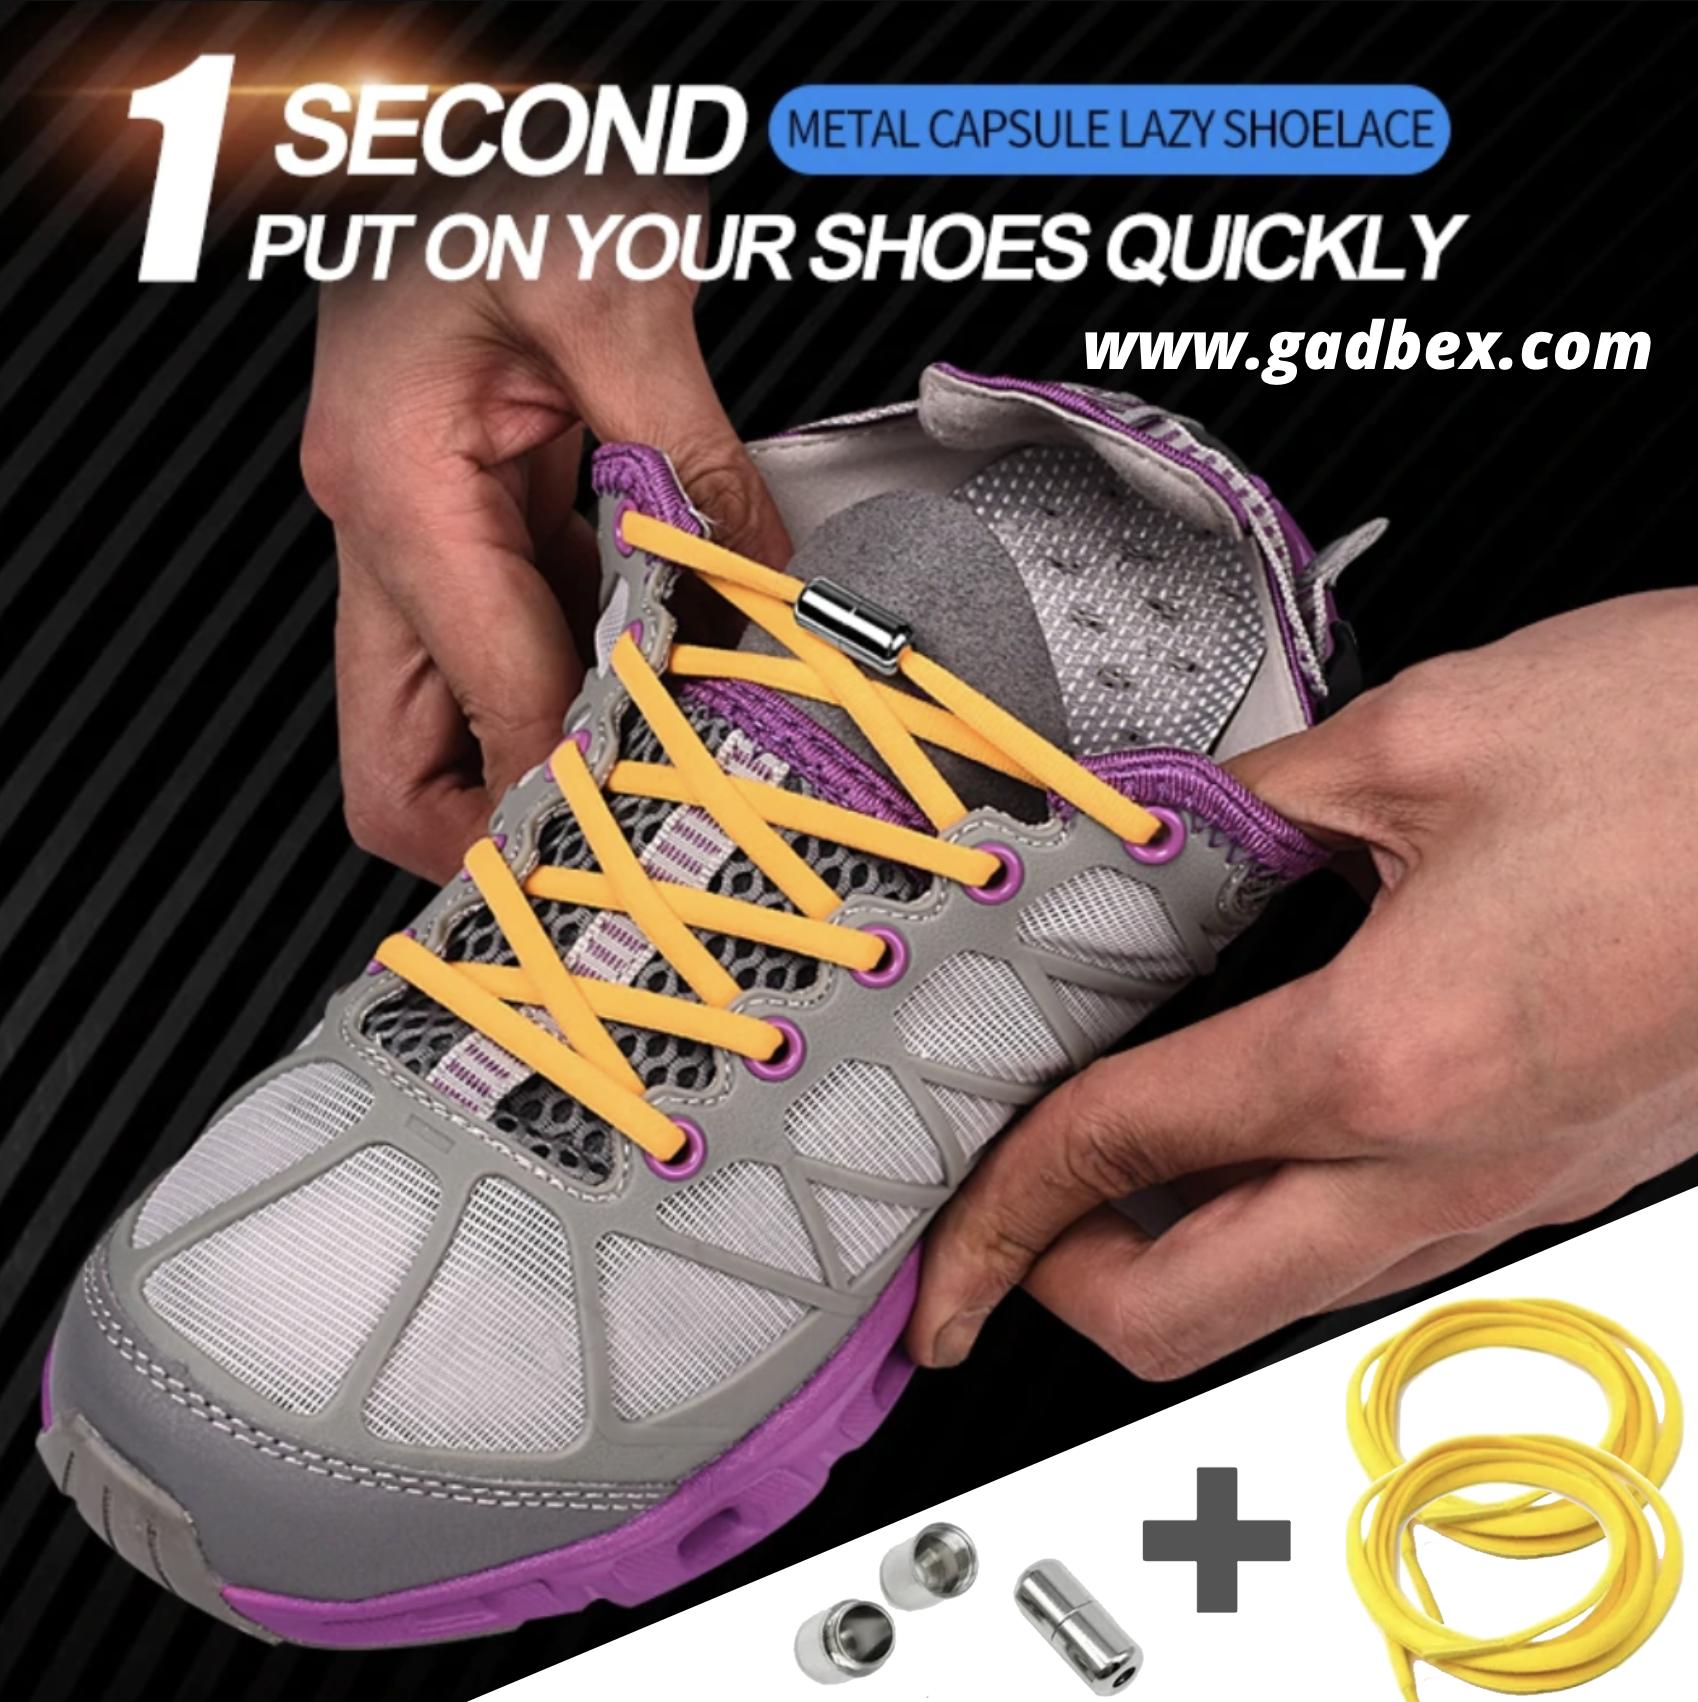 Shoe laces, Women men shoes, Tie shoelaces